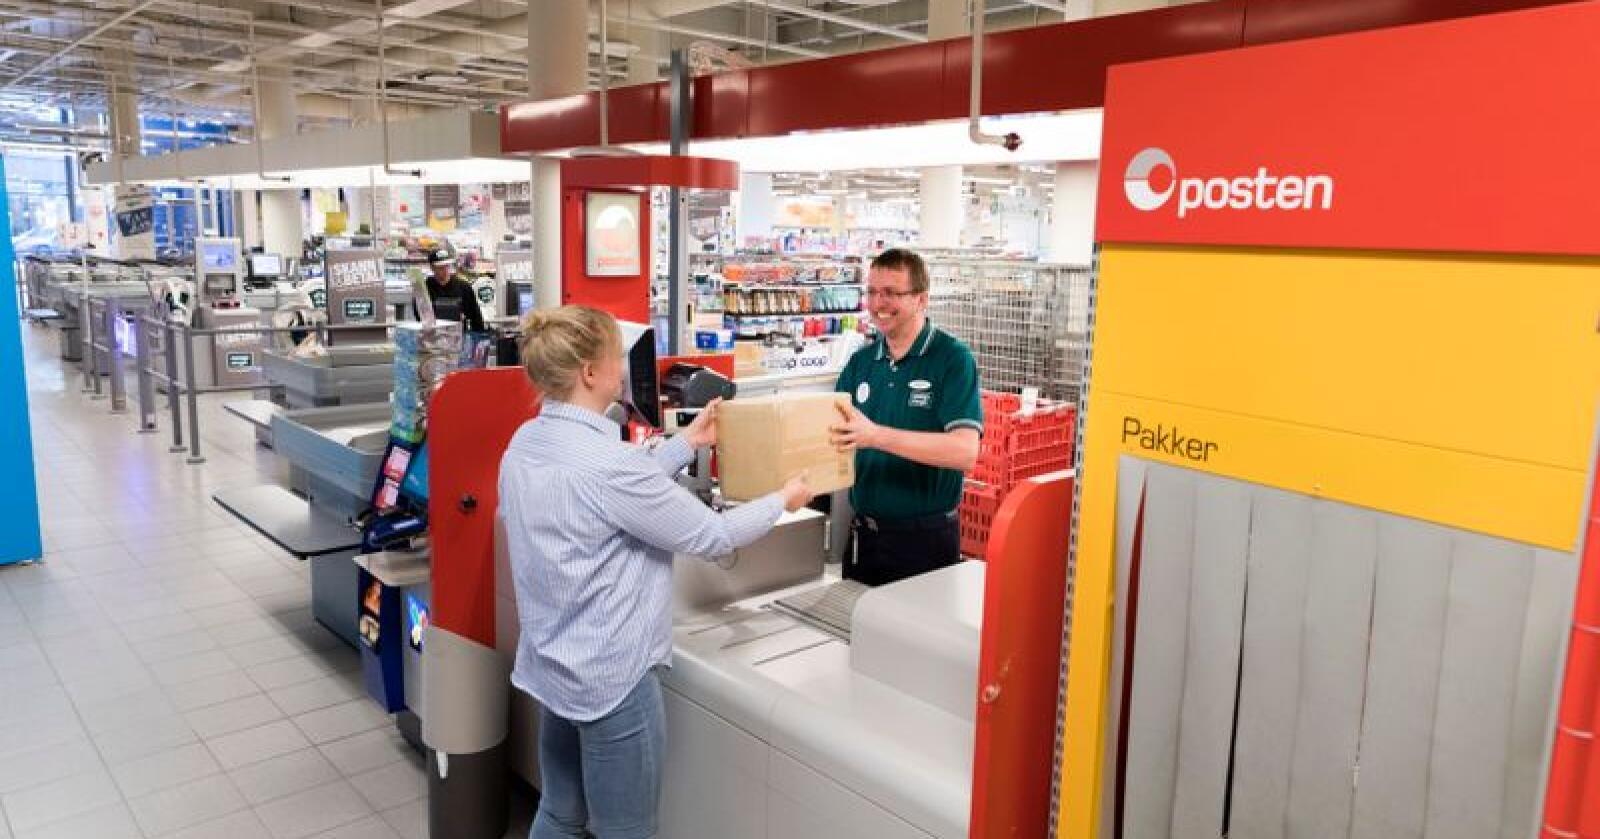 Ein gong i 2020 får du ikkje lenger utført banktenester gjennom DNB på Posten. Foto: Gorm Kallestad / NTB scanpix / NPK